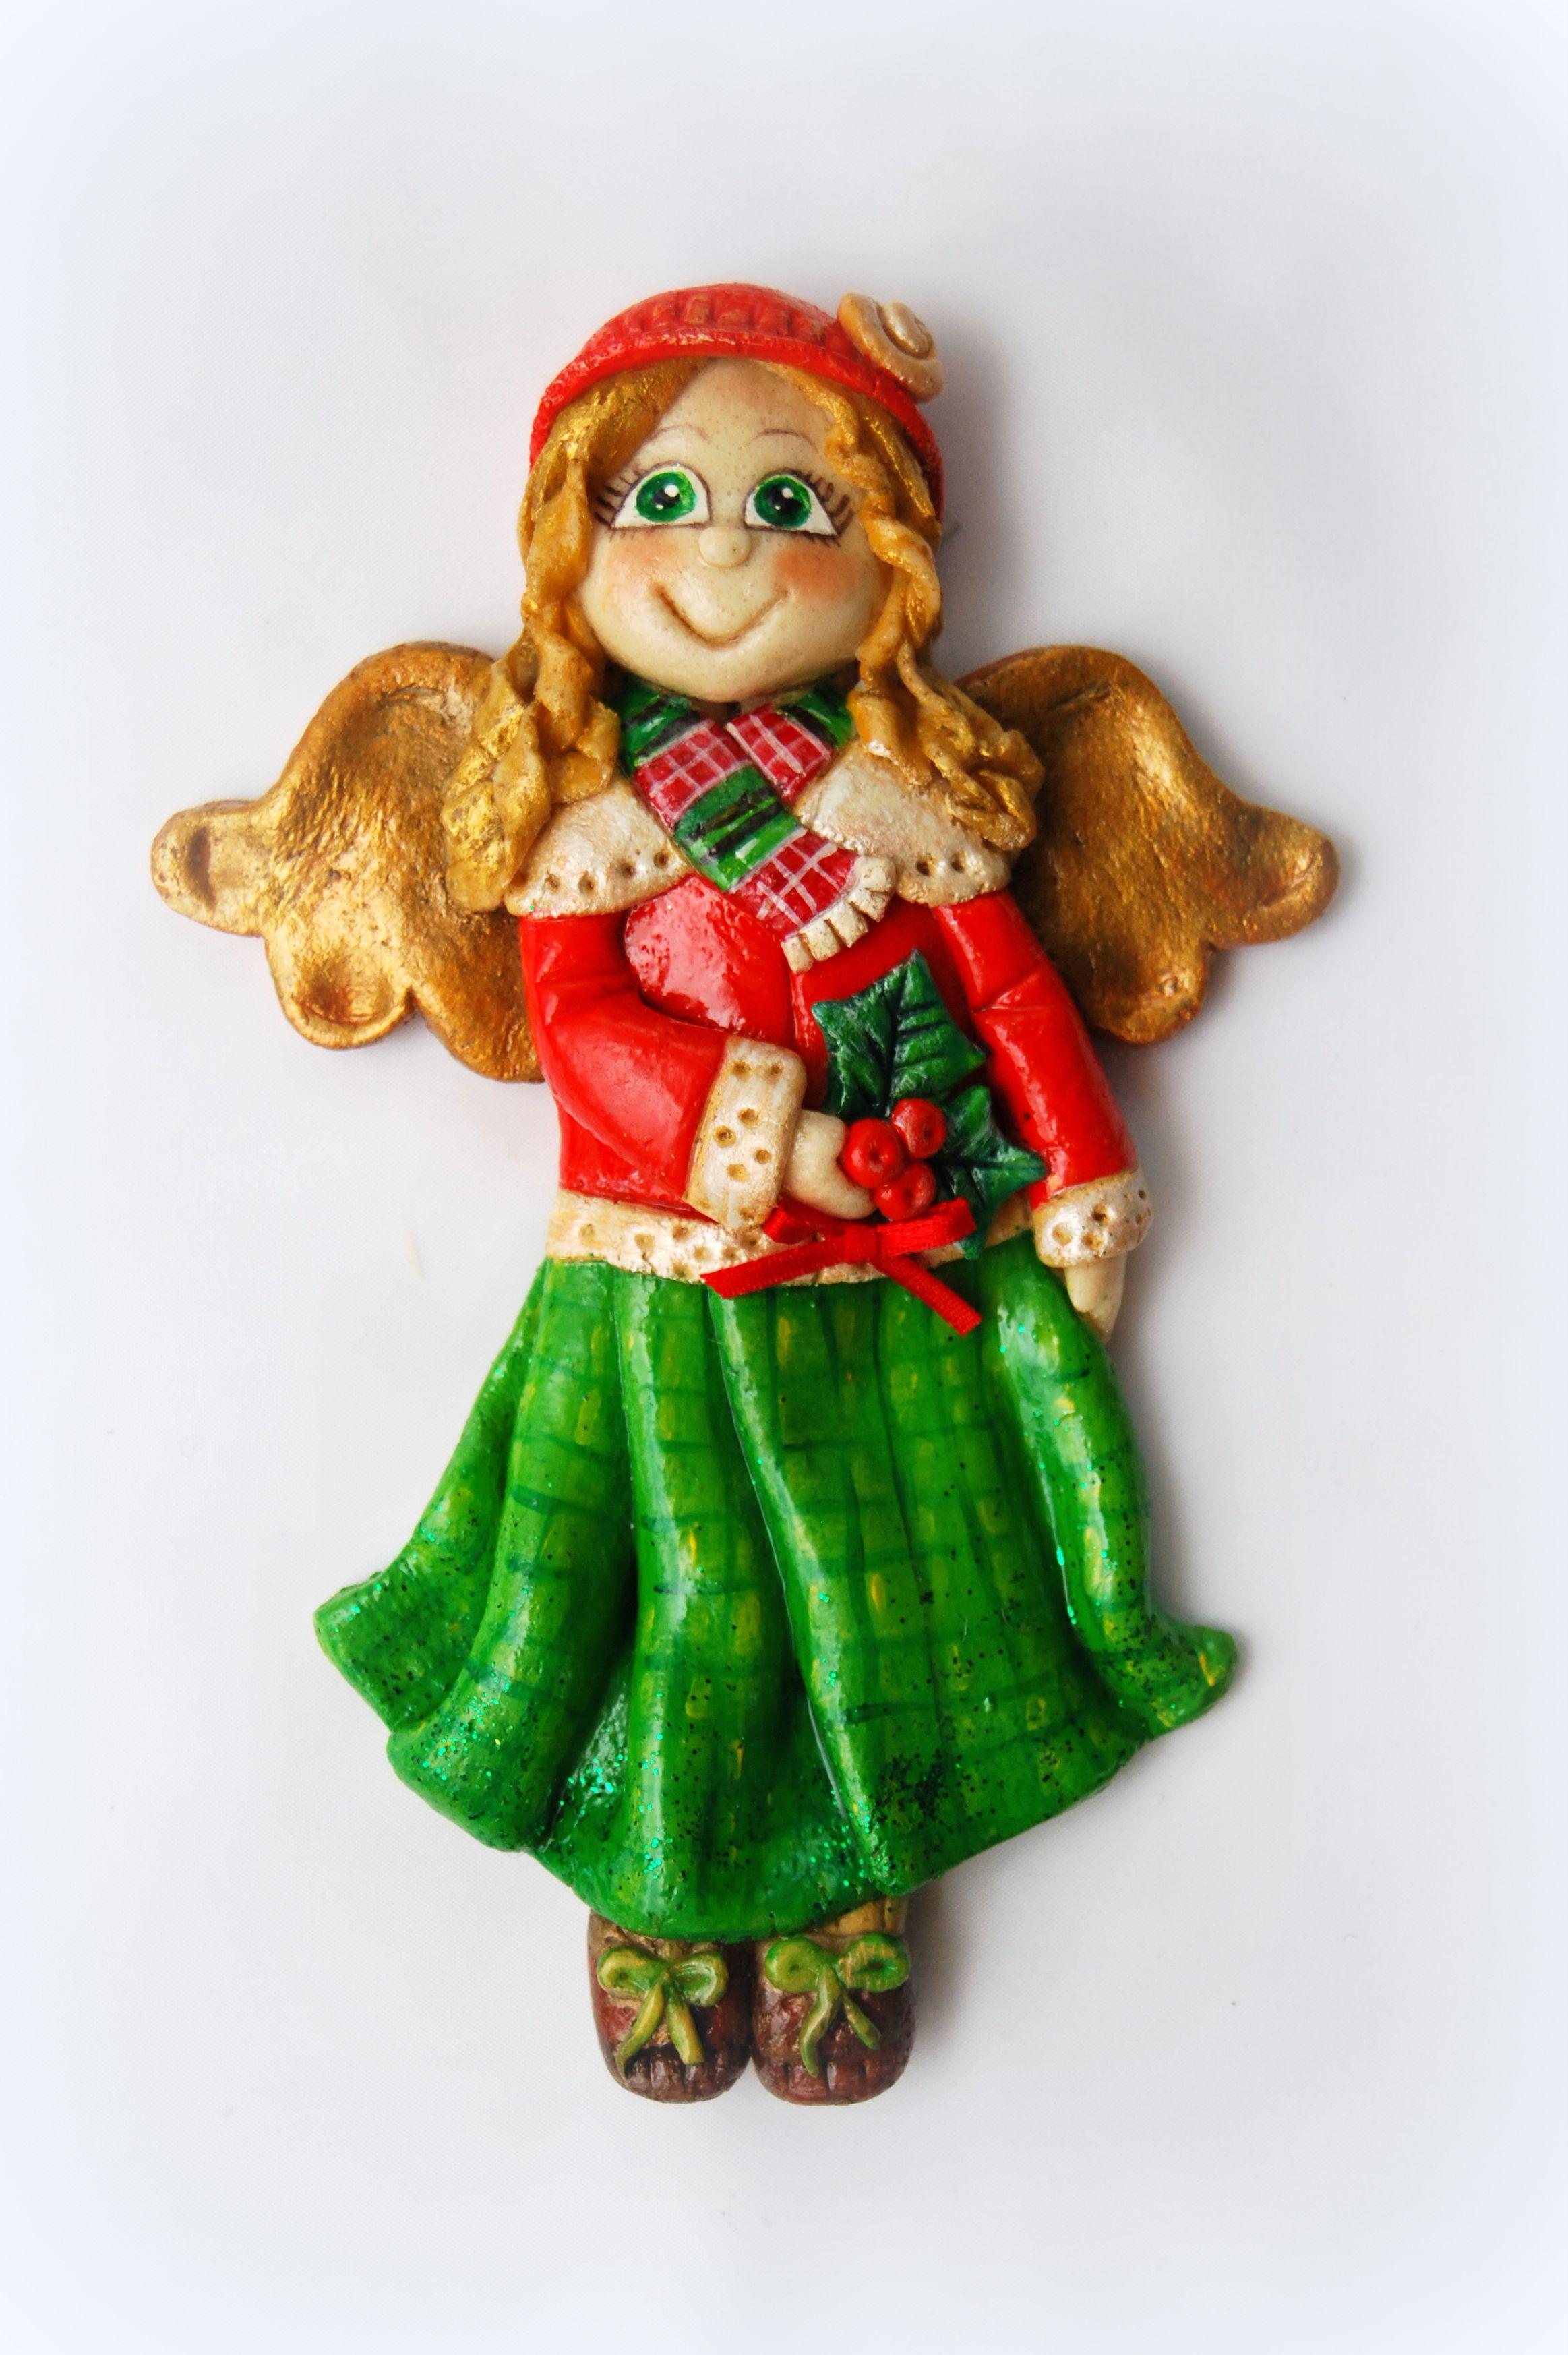 Anioł z masy solnej, świąteczny